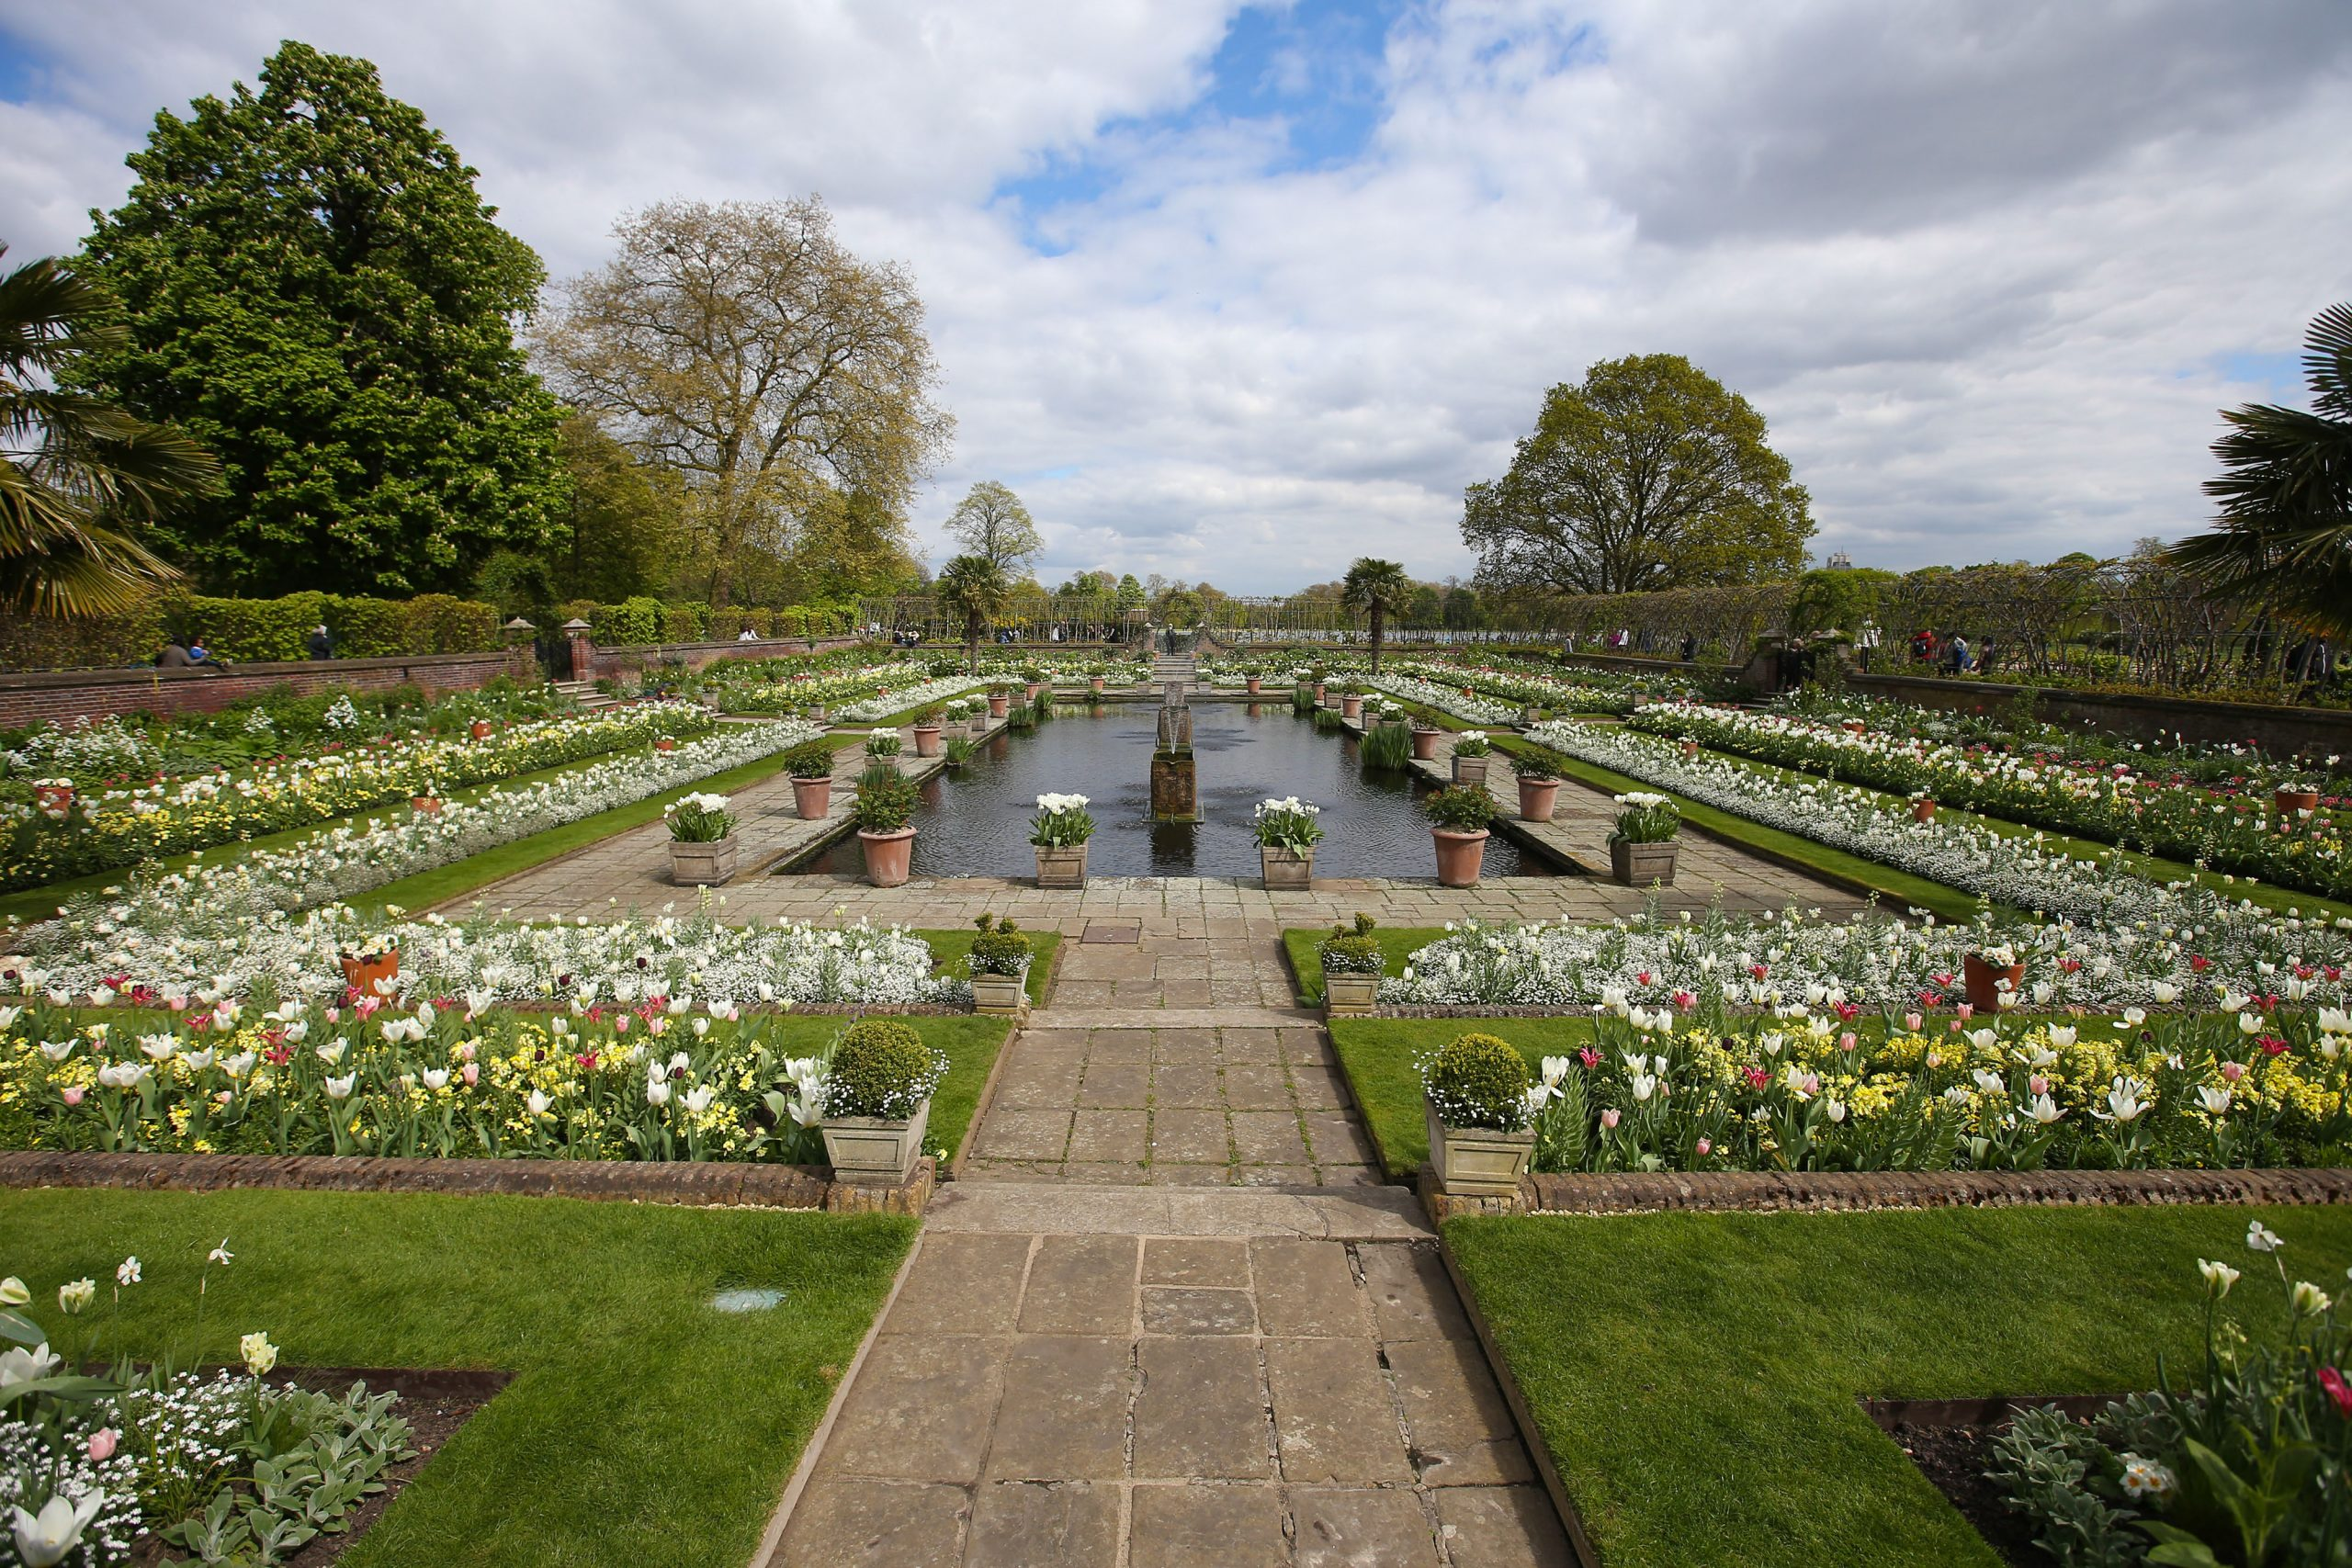 Le jardin en contrebas du palais de Kensington, qui rend hommage à la mort de la princesse Diana 20 ans après.